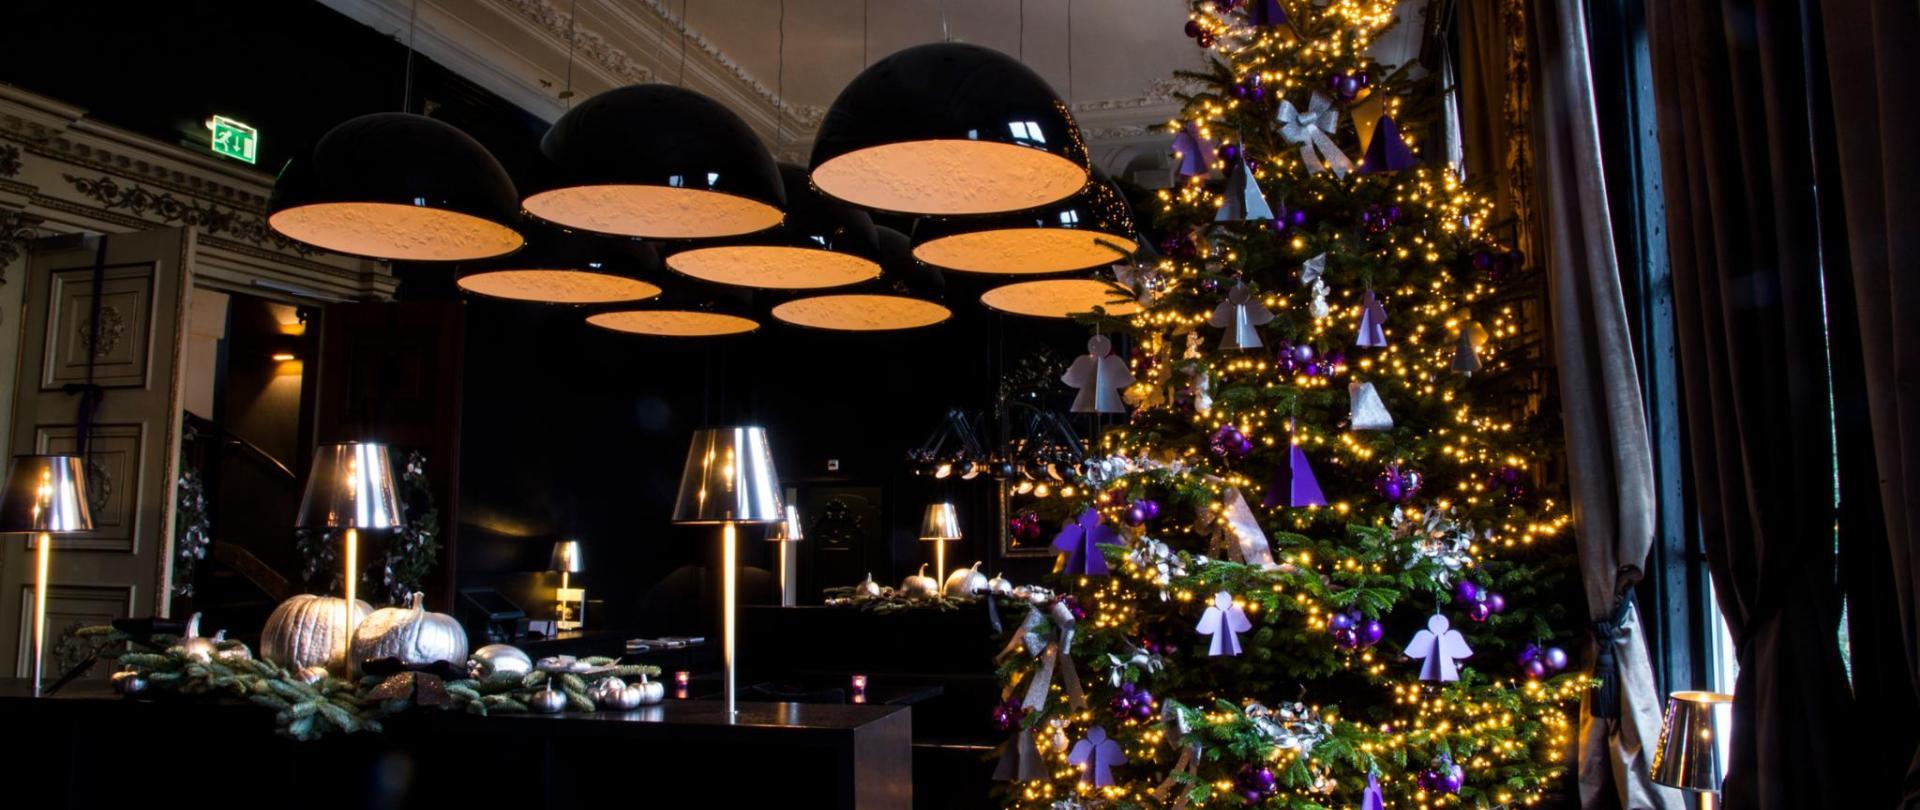 Canal House Christmas 16-17 14.jpg